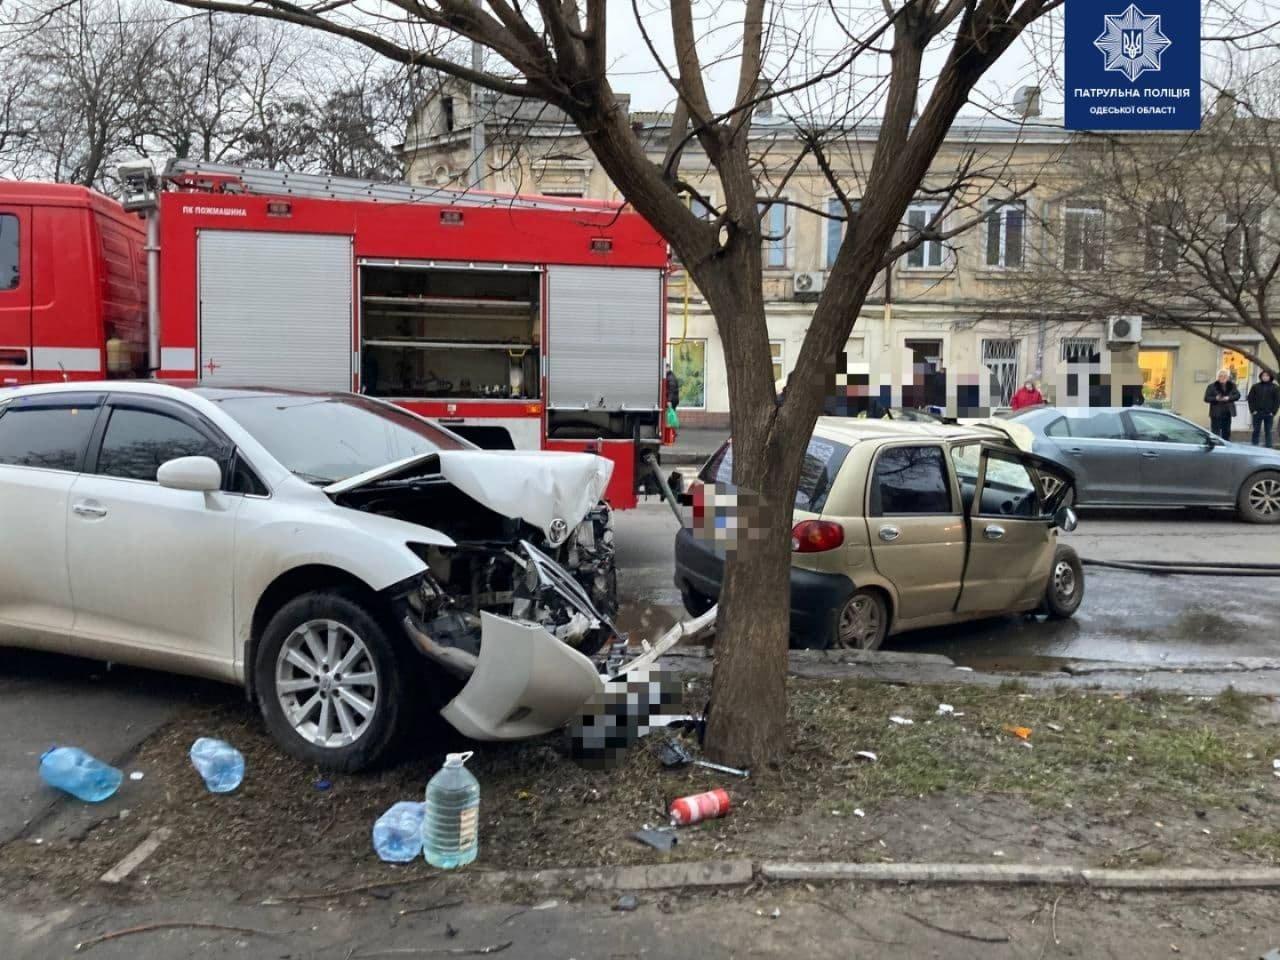 Серьёзное ДТП в Одессе: пострадал ребёнок и один из водителей, - ФОТО, фото-1